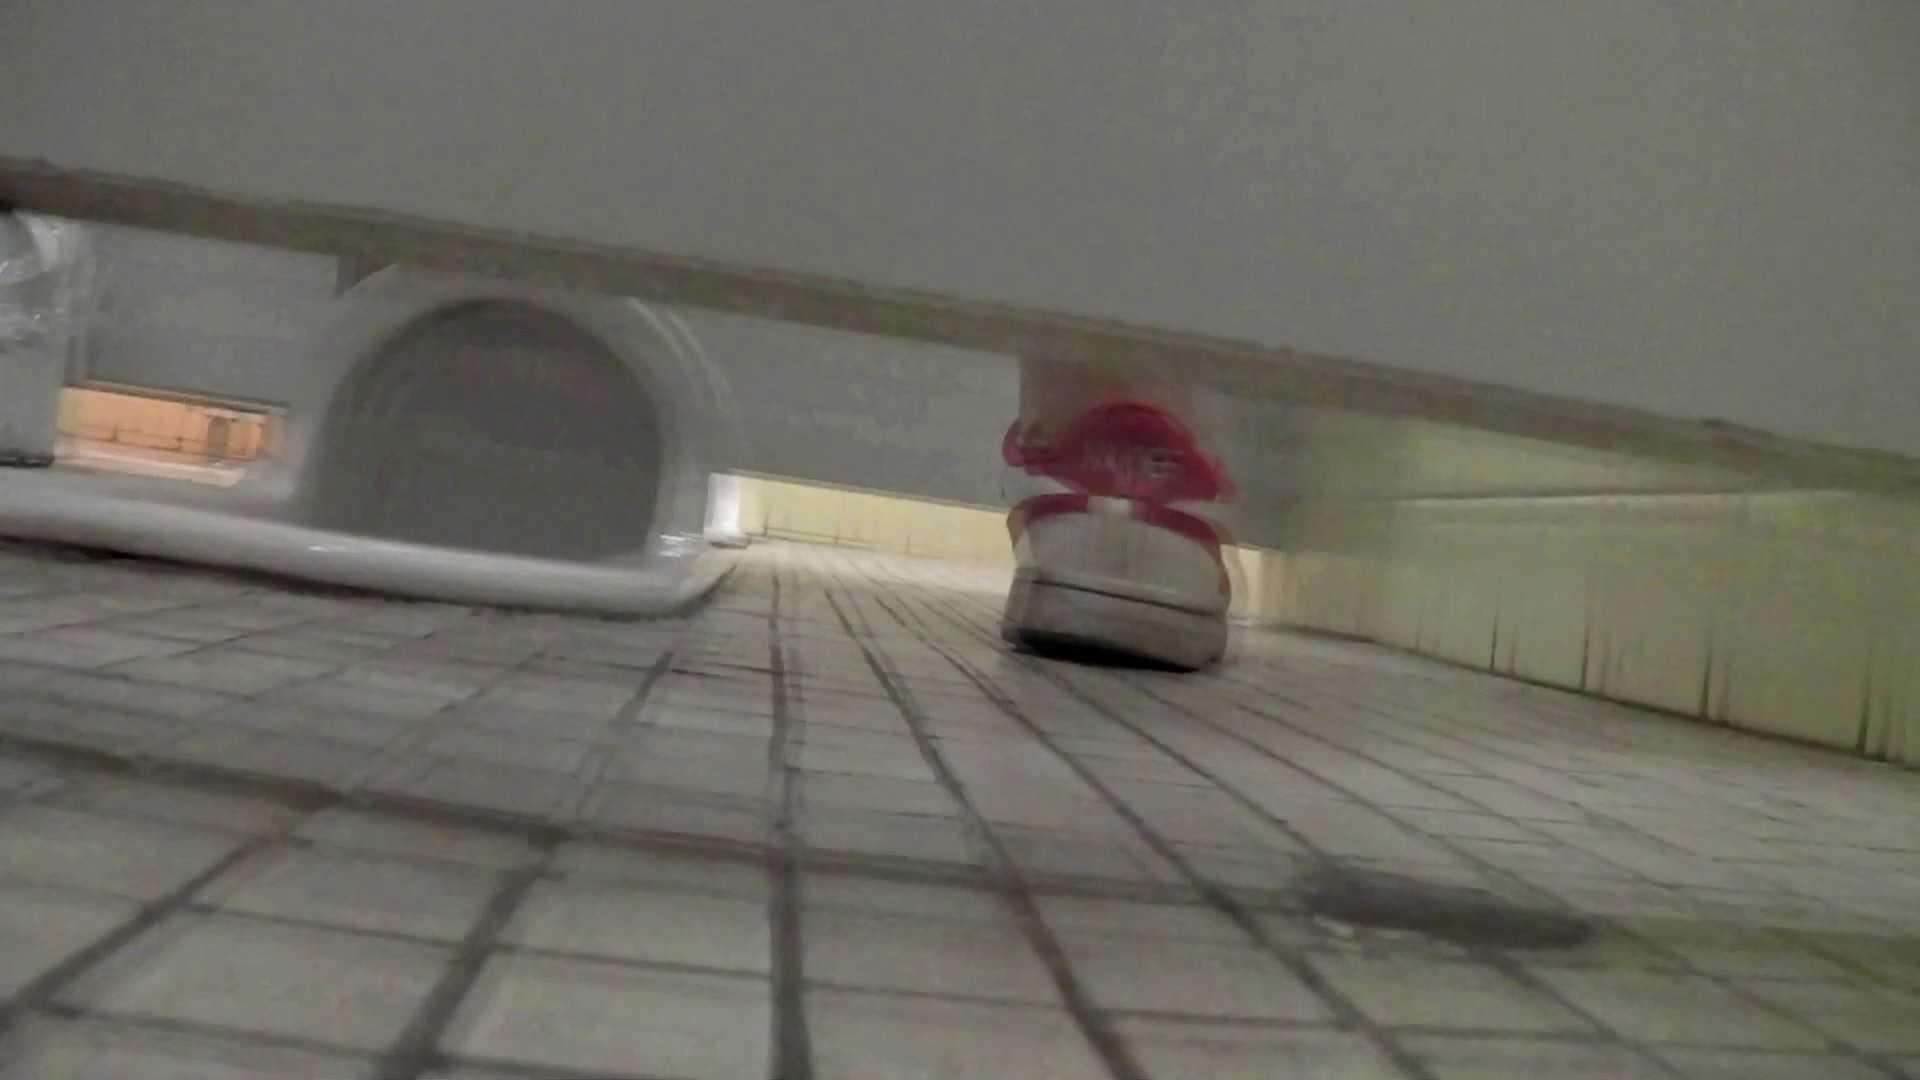 第三体育館潜入撮 File17 大・小・その他色々、ぎっしり詰まった一本 ギャル攻め すけべAV動画紹介 97画像 34